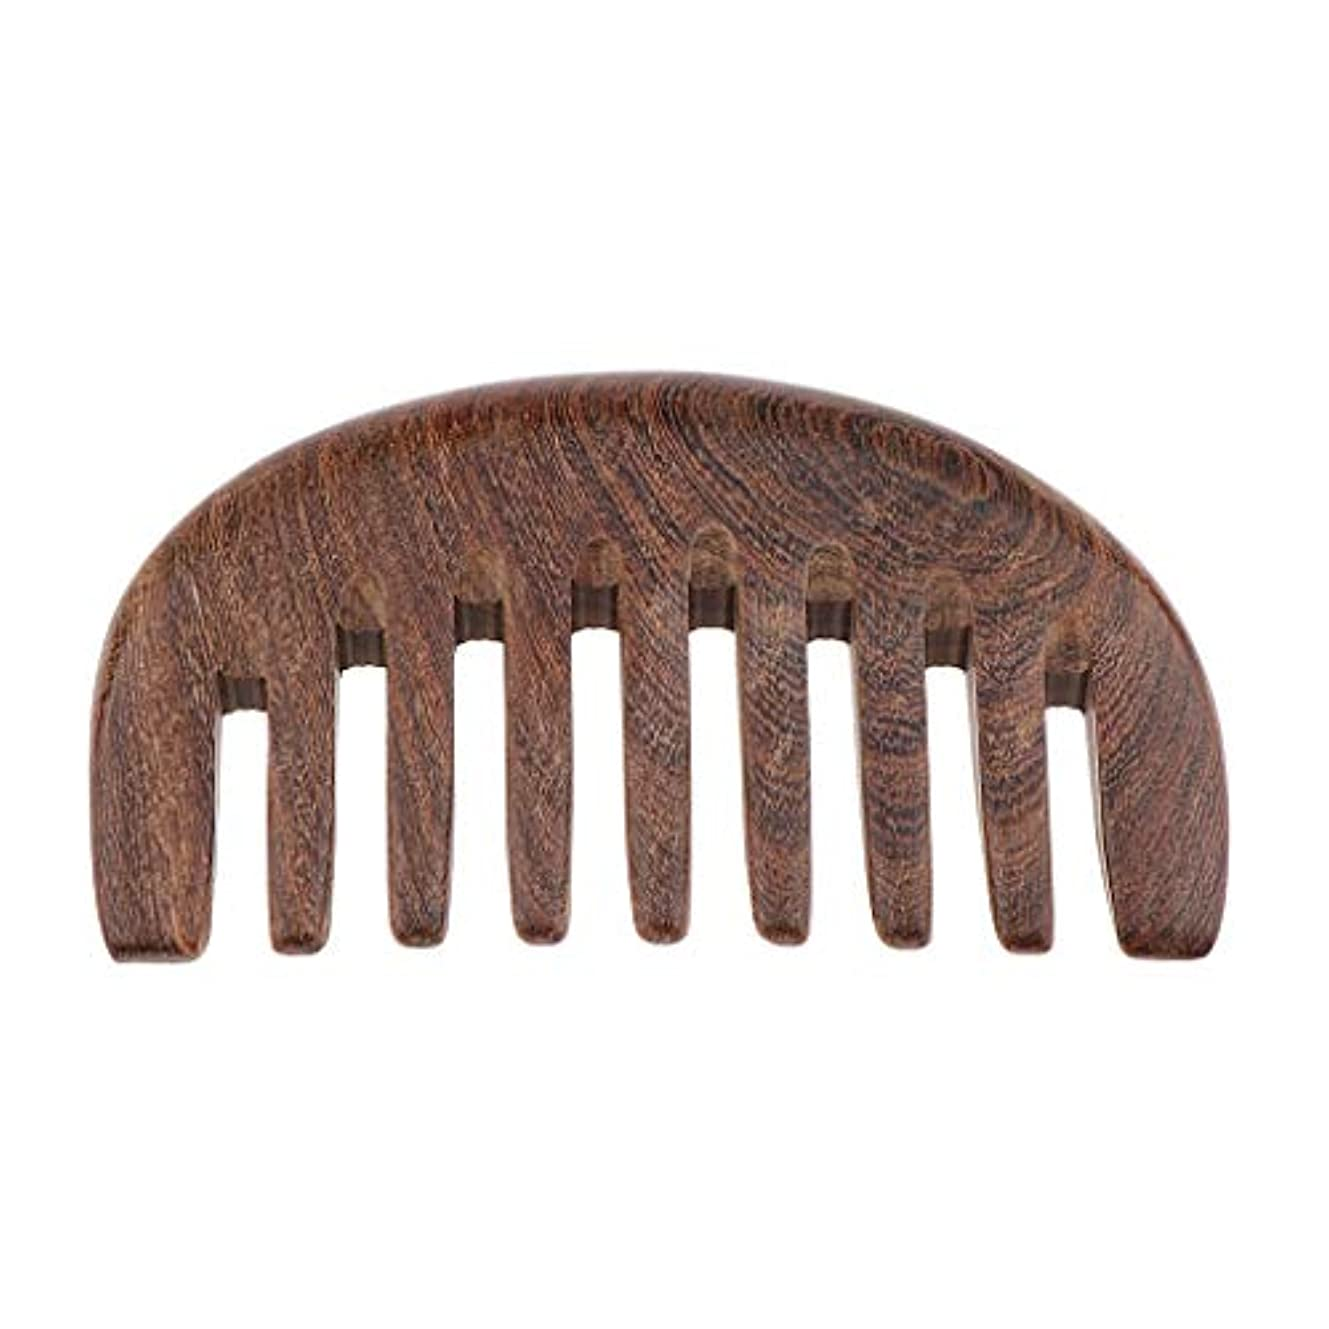 ナット当社せがむSM SunniMix 木製ヘアコーム 手作り 櫛 ナチュラル木製 マッサージコーム 3色選べ - クロロフォラ